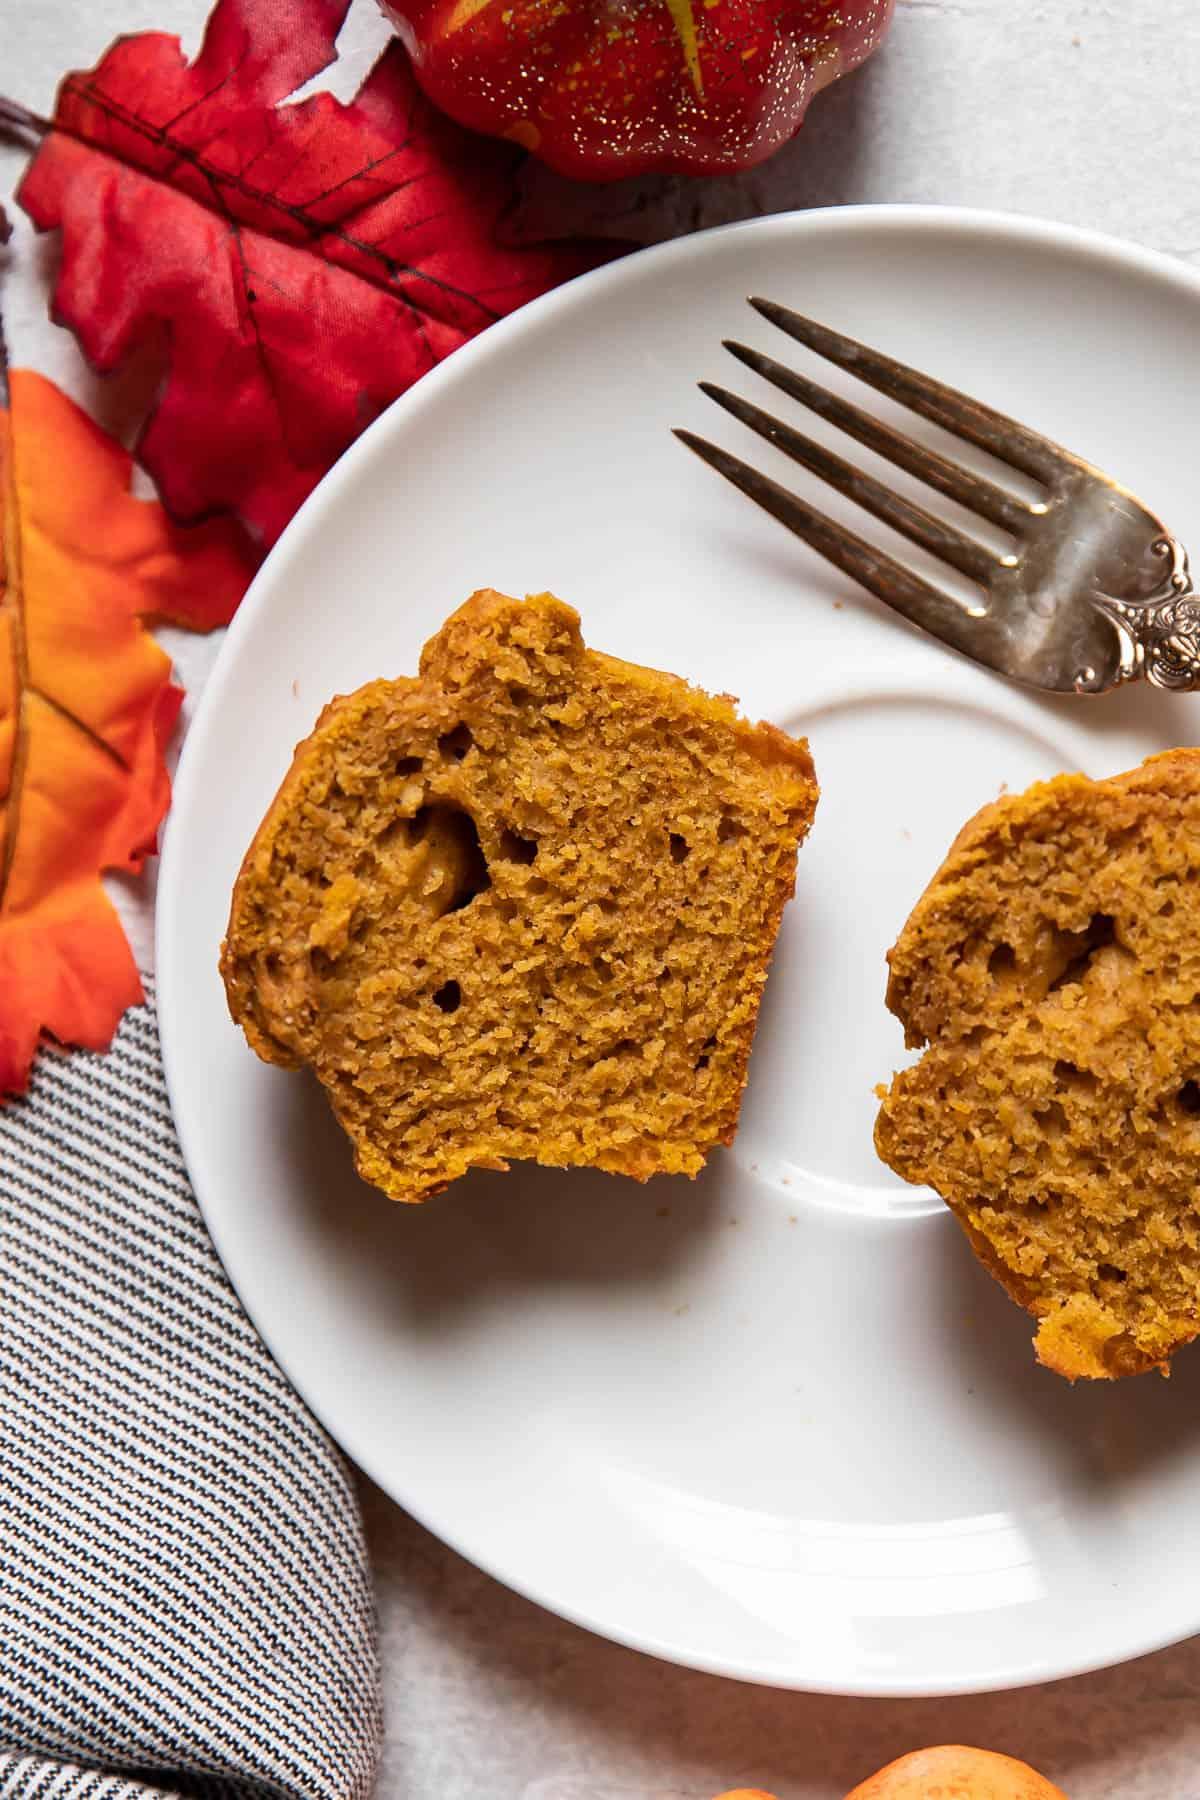 pumpkin muffin cut in half on a plate.